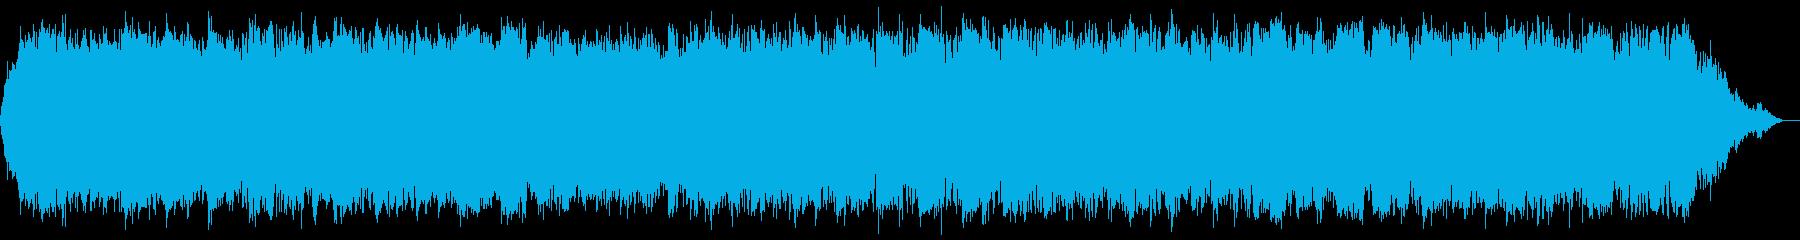 ケーナの落ち着いた即興演奏音楽の再生済みの波形